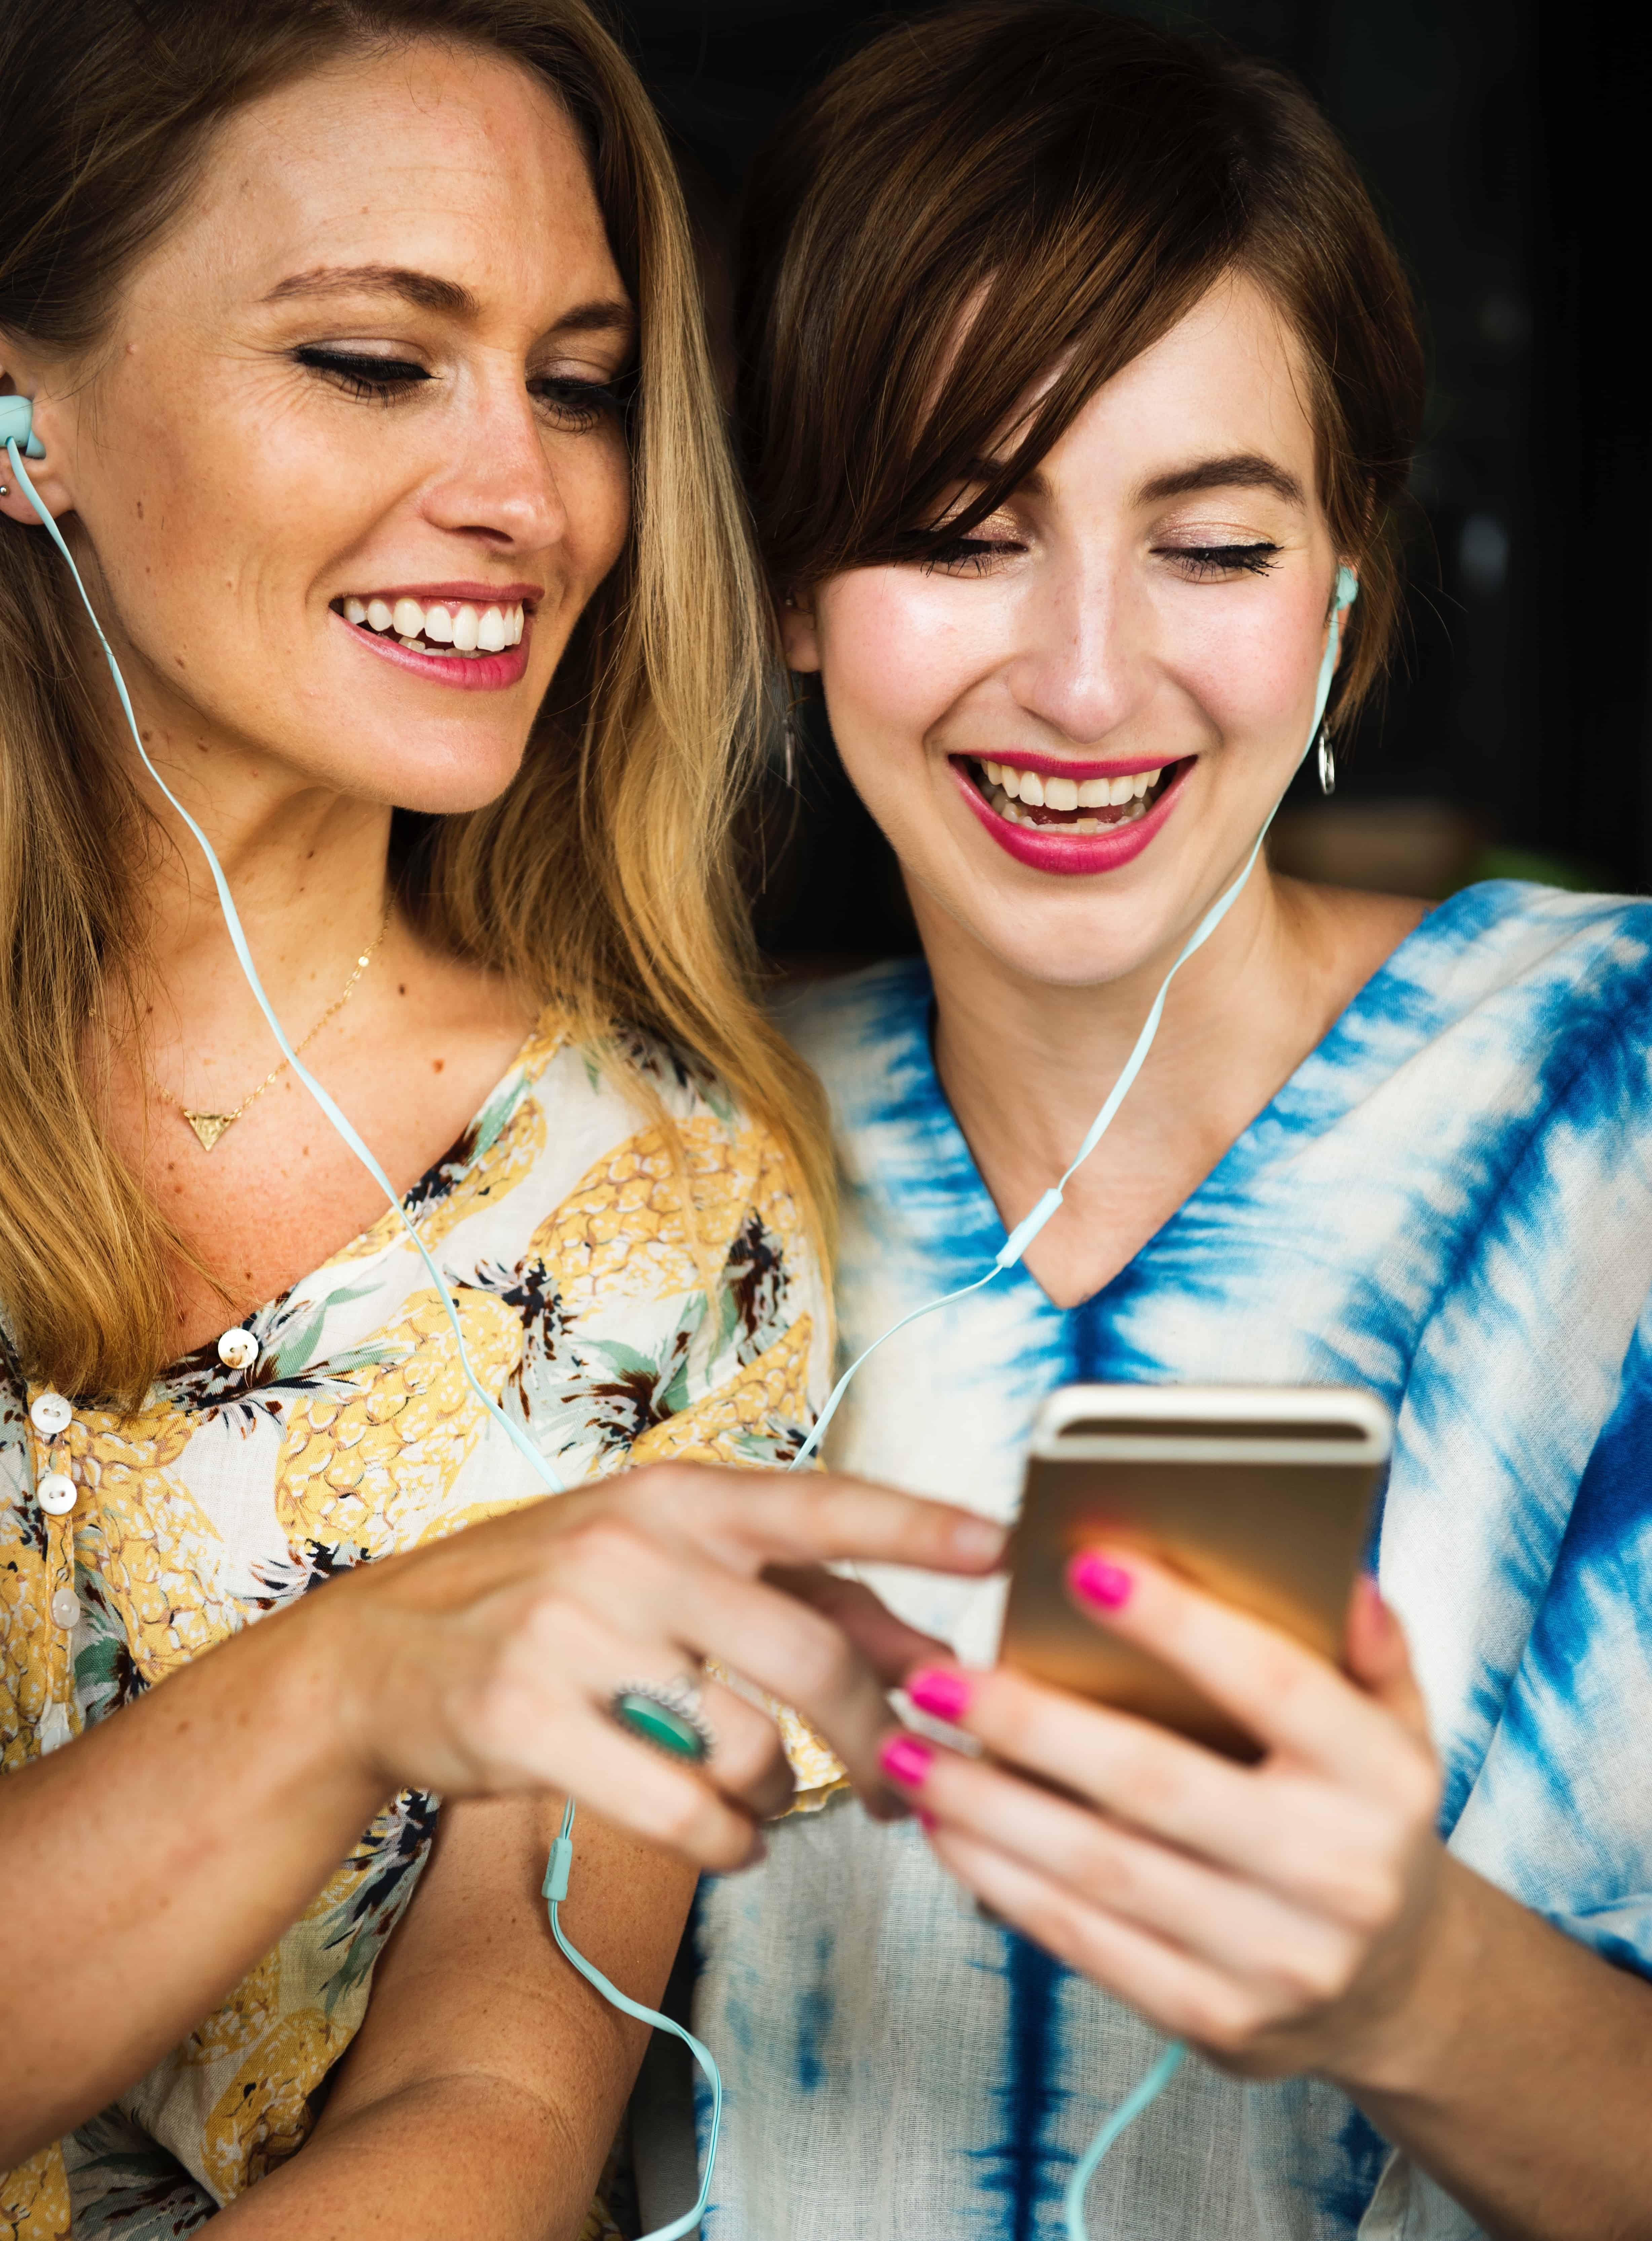 vrouwen headphones